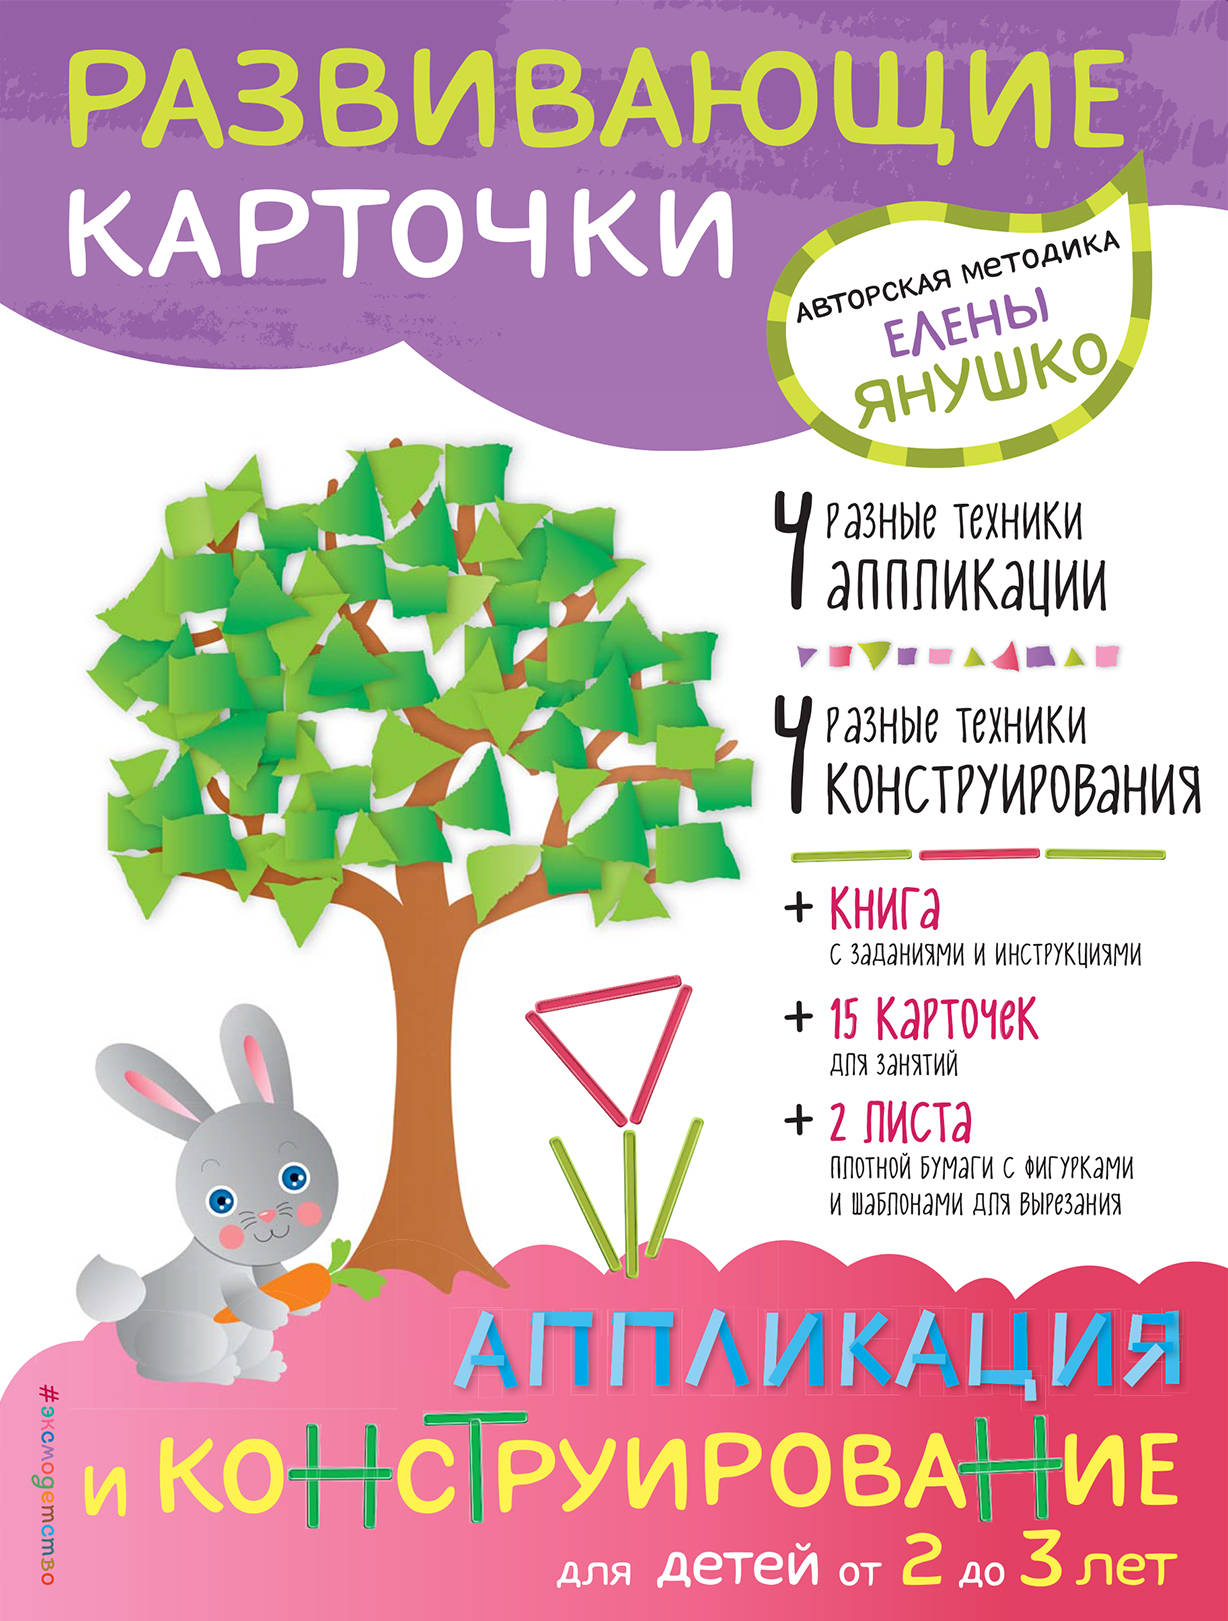 Е. Янушко Аппликация и конструирование для детей от 2 до 3 лет (+ развивающие карточки)